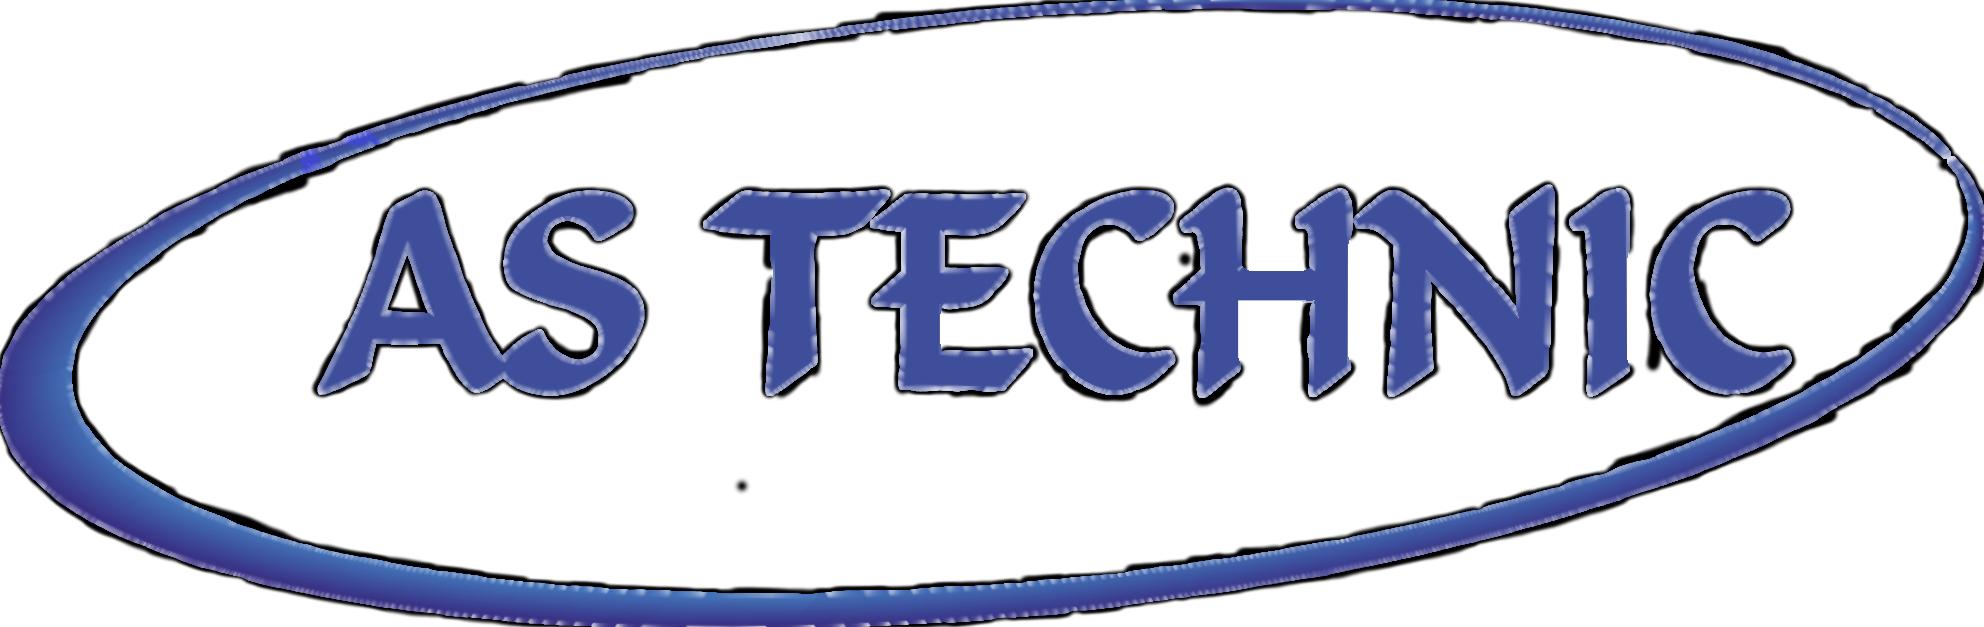 AS-TECHNIC - www.as-technic.pl - Usługi przemysłowe, Bramy garażowe, Ogrodzenia frontowe i przemysłowe,  Okna i drzwi, Usługi montażowe